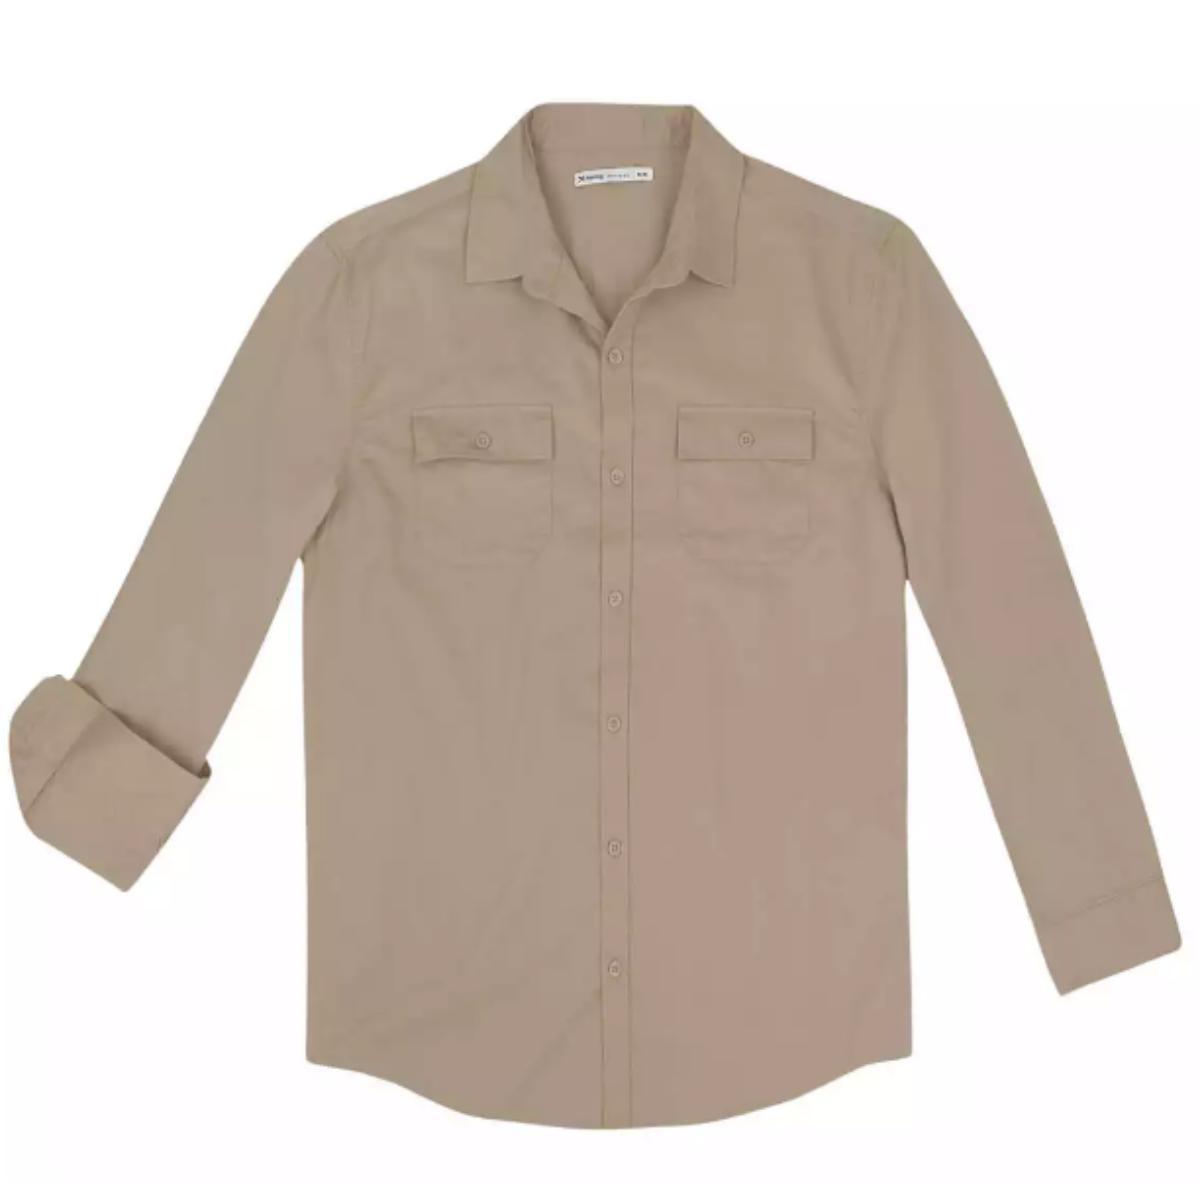 Camisa Masculina Hering K4dt 1asi Bege